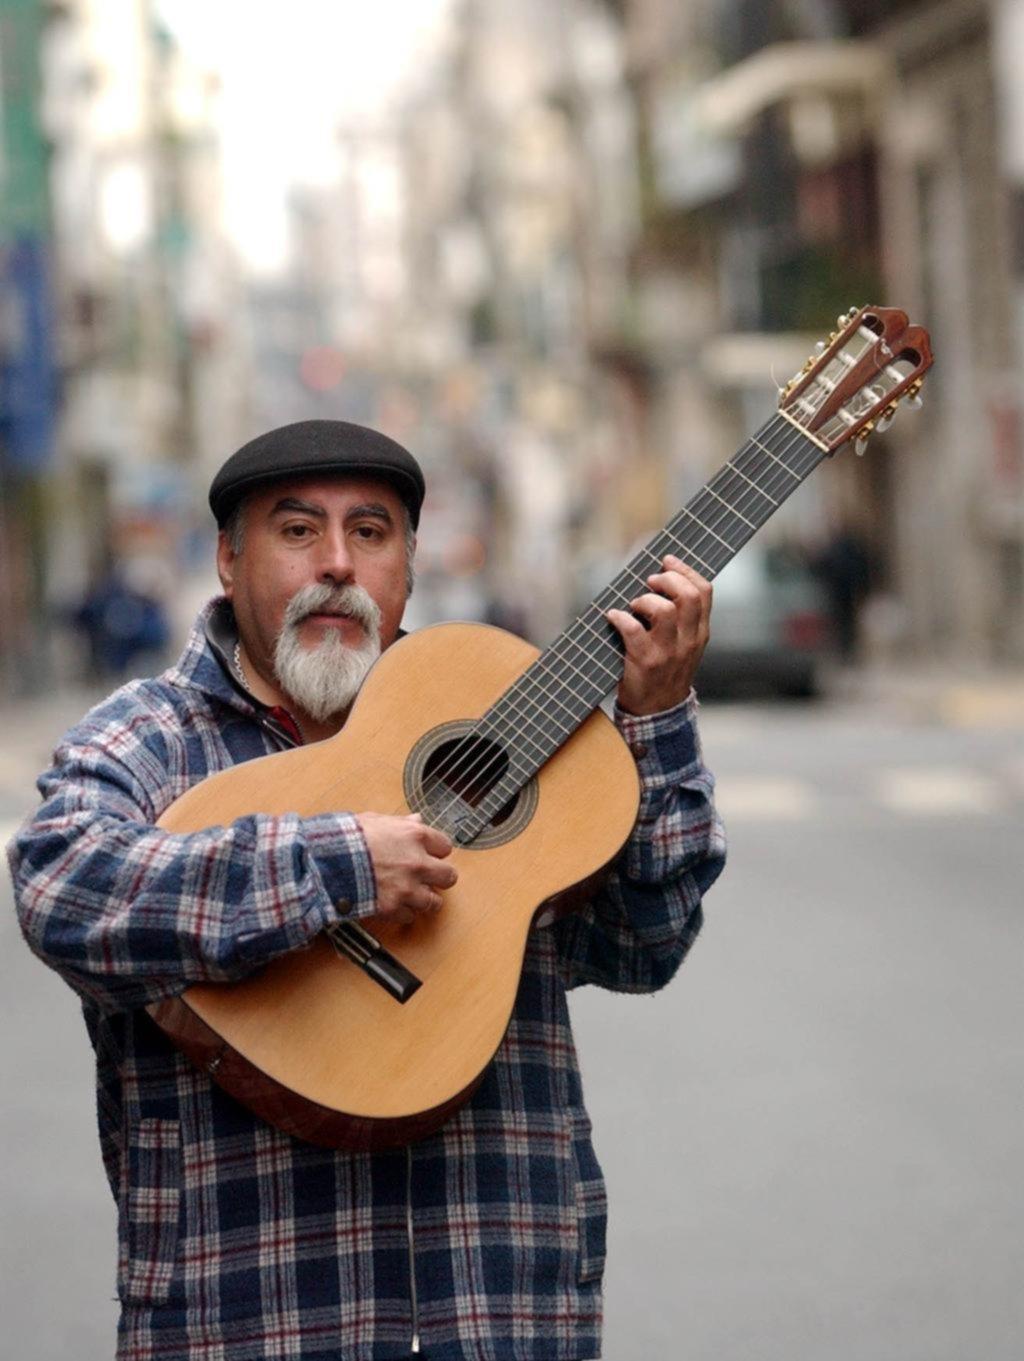 La guitarra de luto: adiós al gran Juanjo Domínguez, virtuoso de la viola que fue del tango a Los Beatles